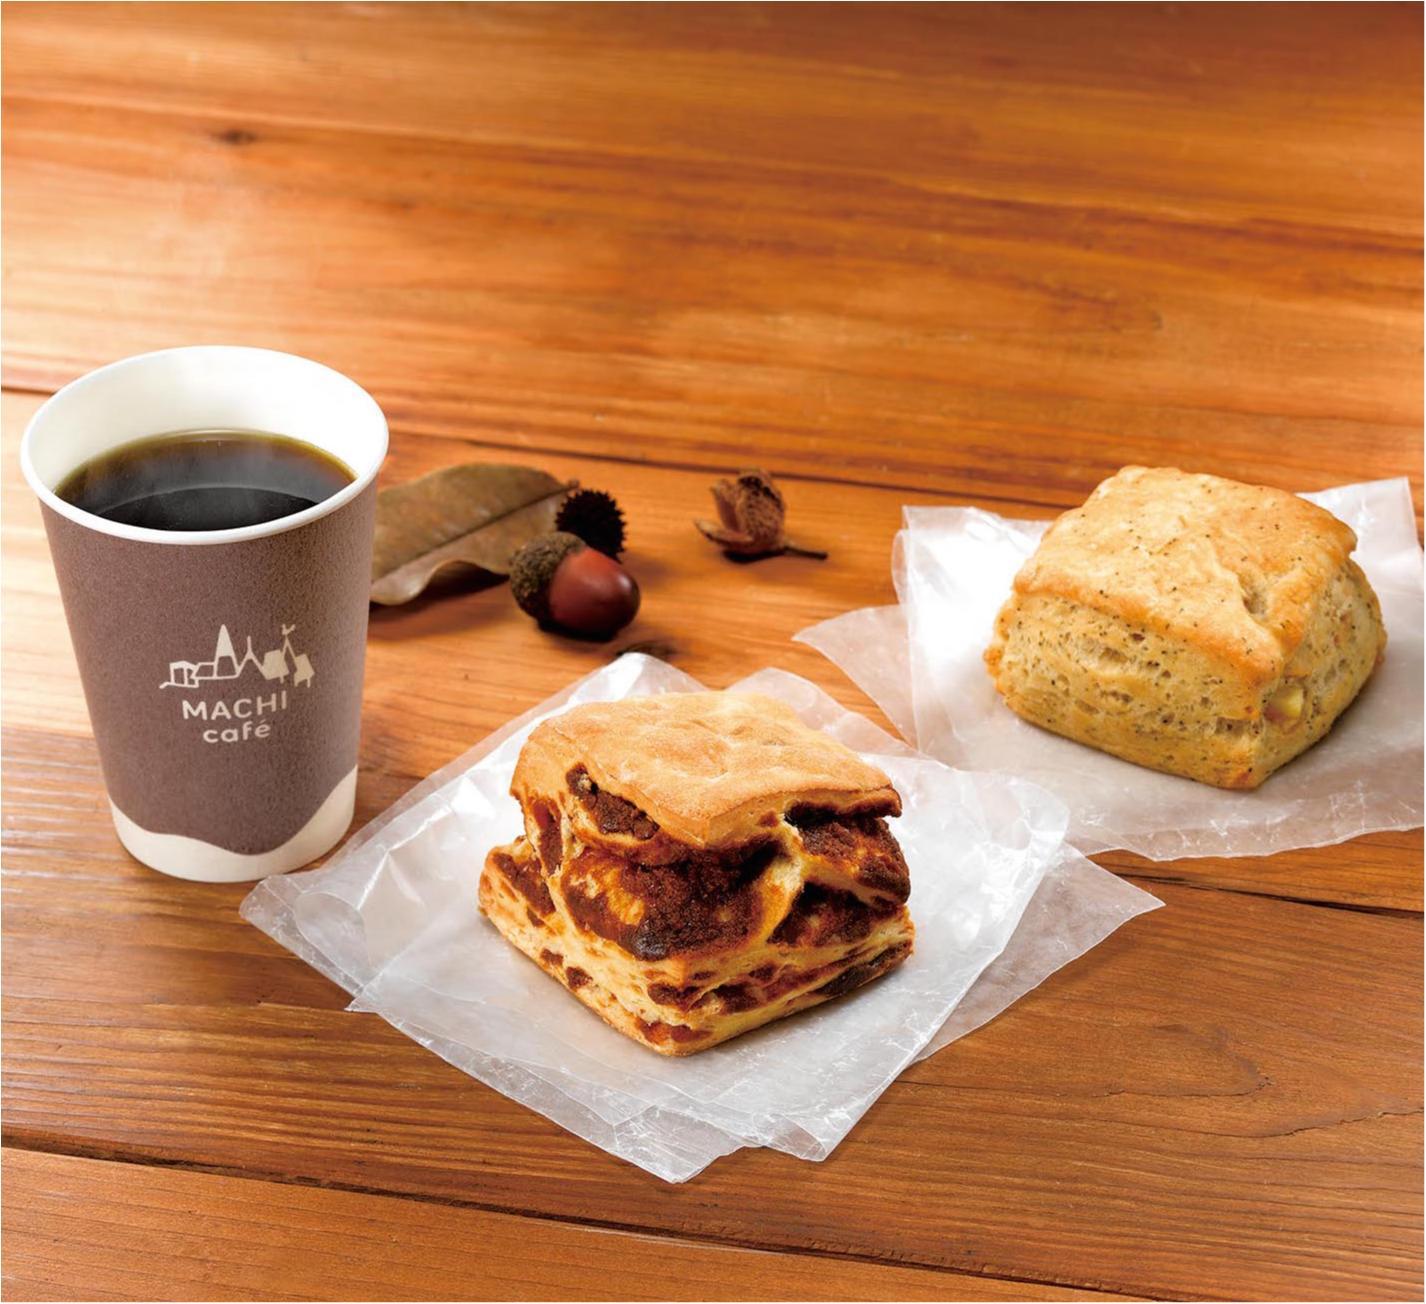 コーヒーとの相性バツグン! 『ローソン』のビスケットでプチカフェ気分♬_1